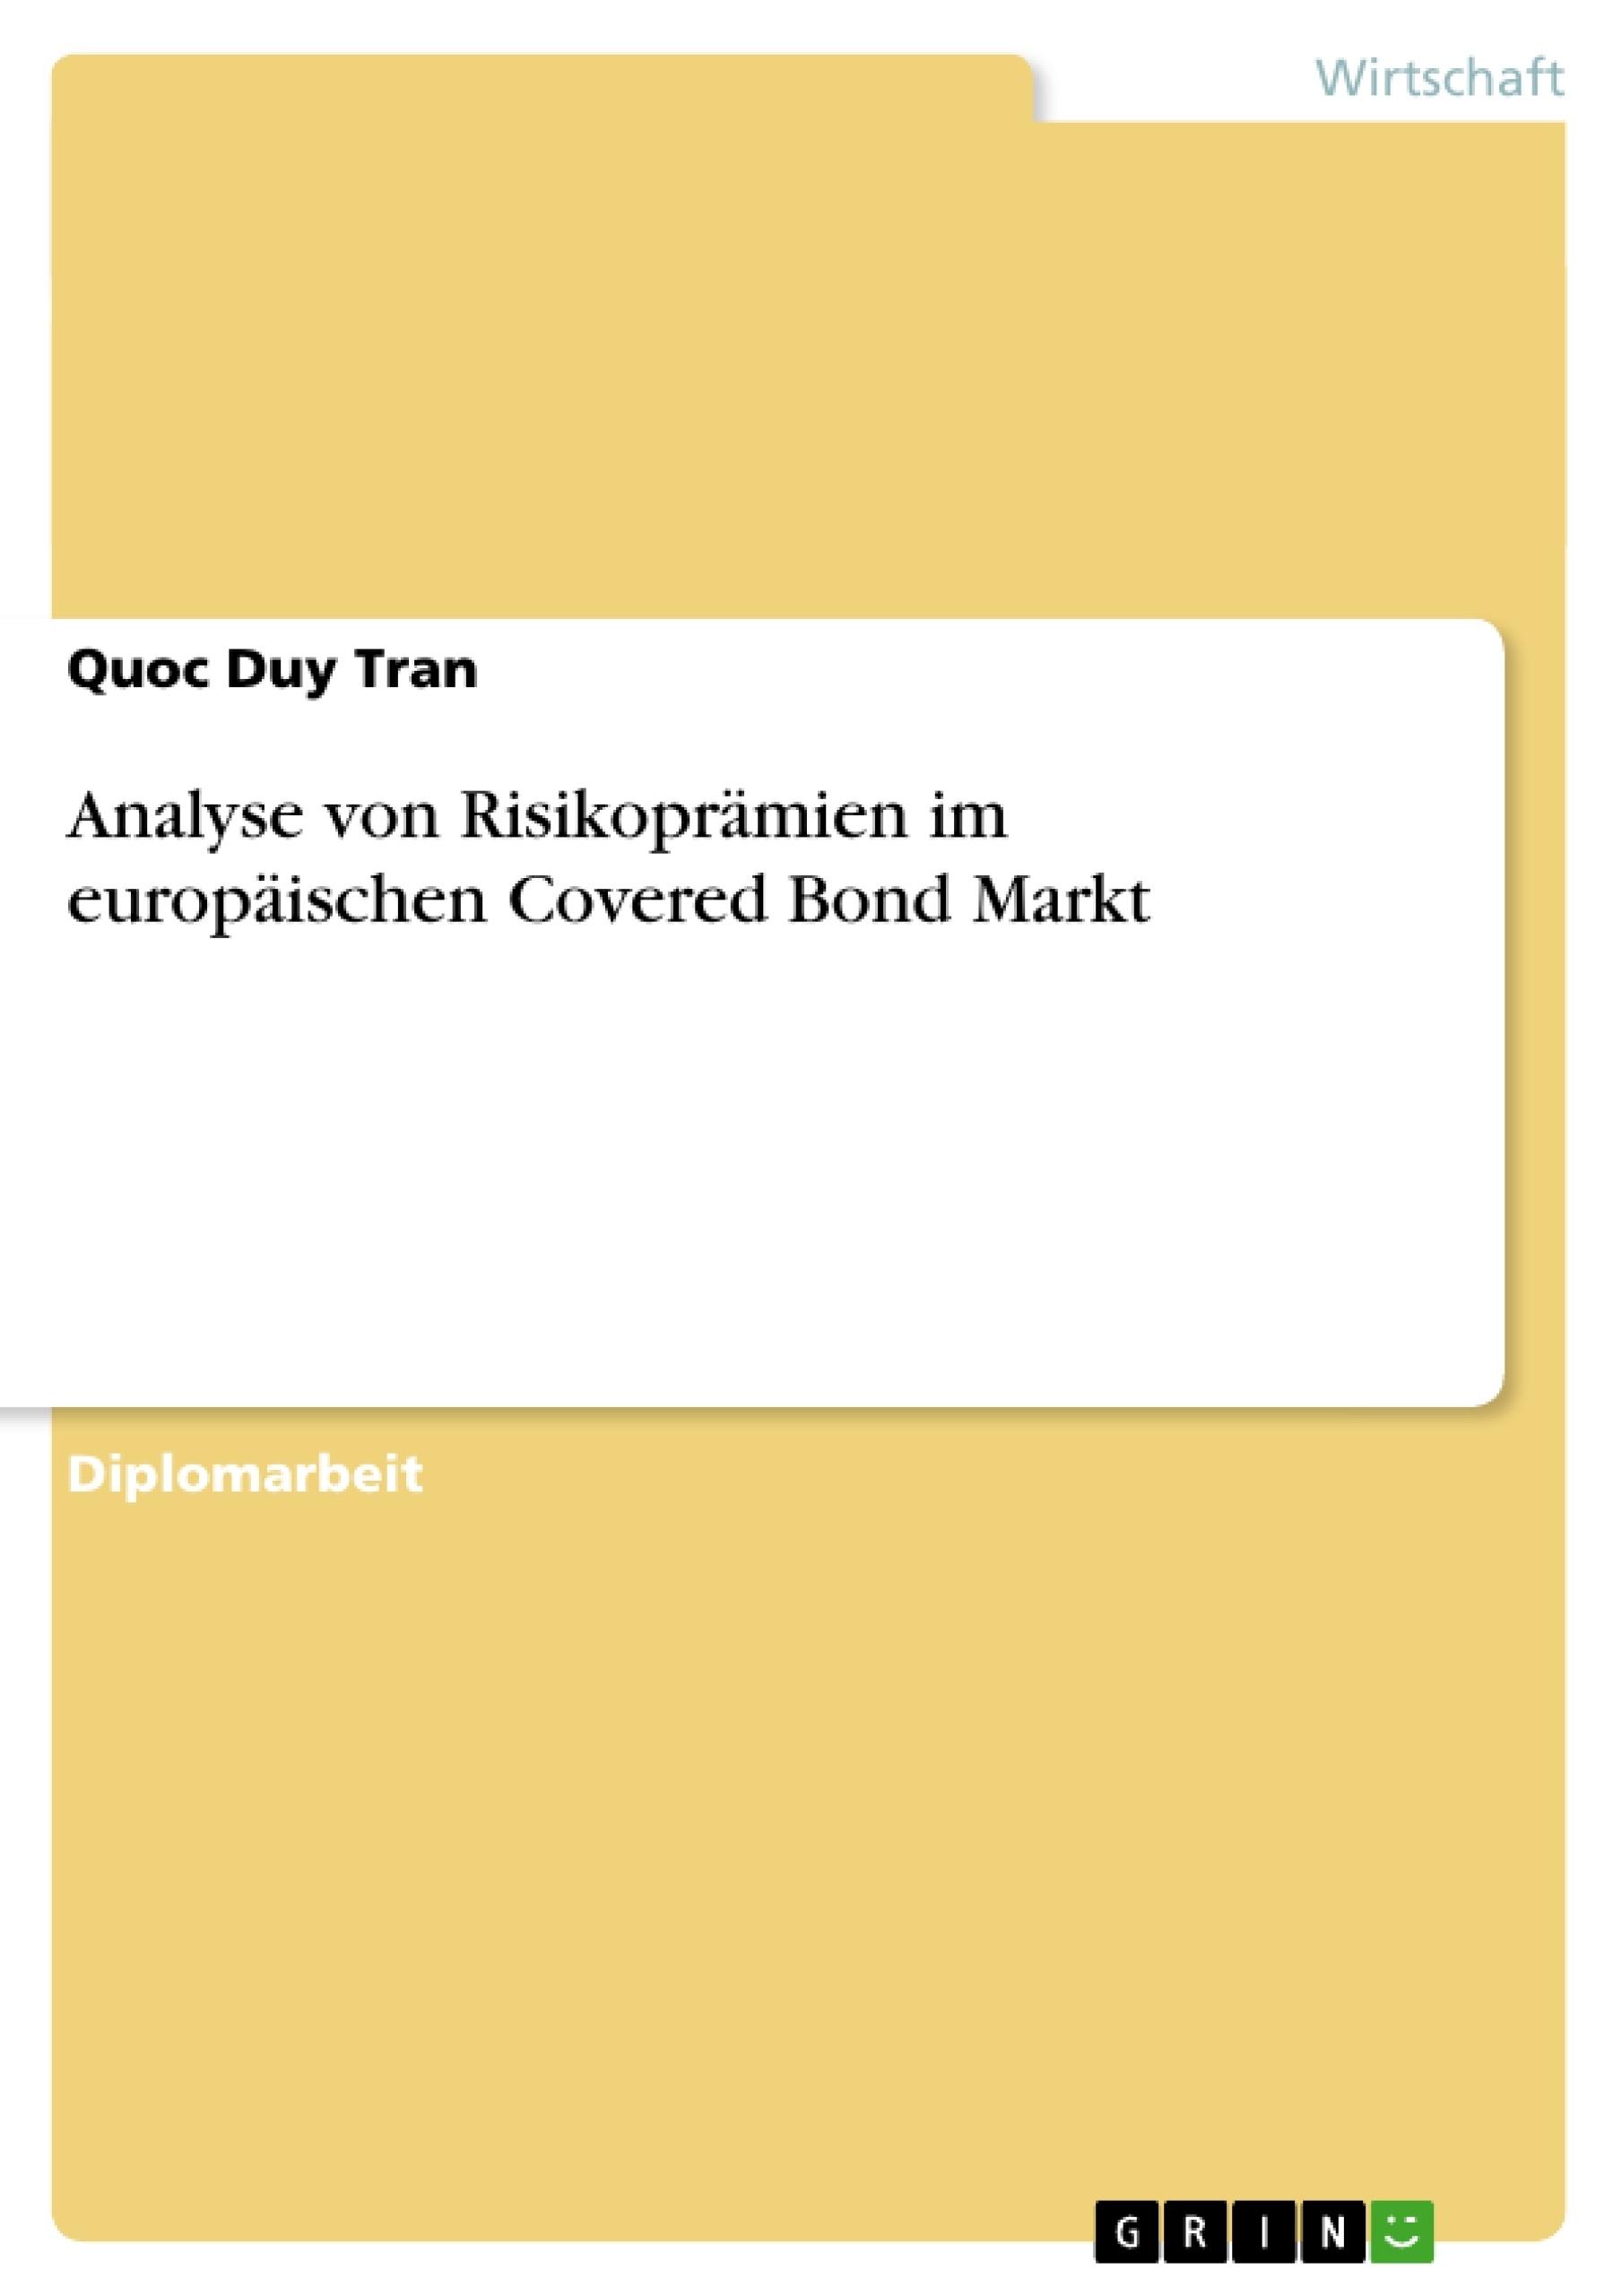 Titel: Analyse von Risikoprämien im europäischen Covered Bond Markt